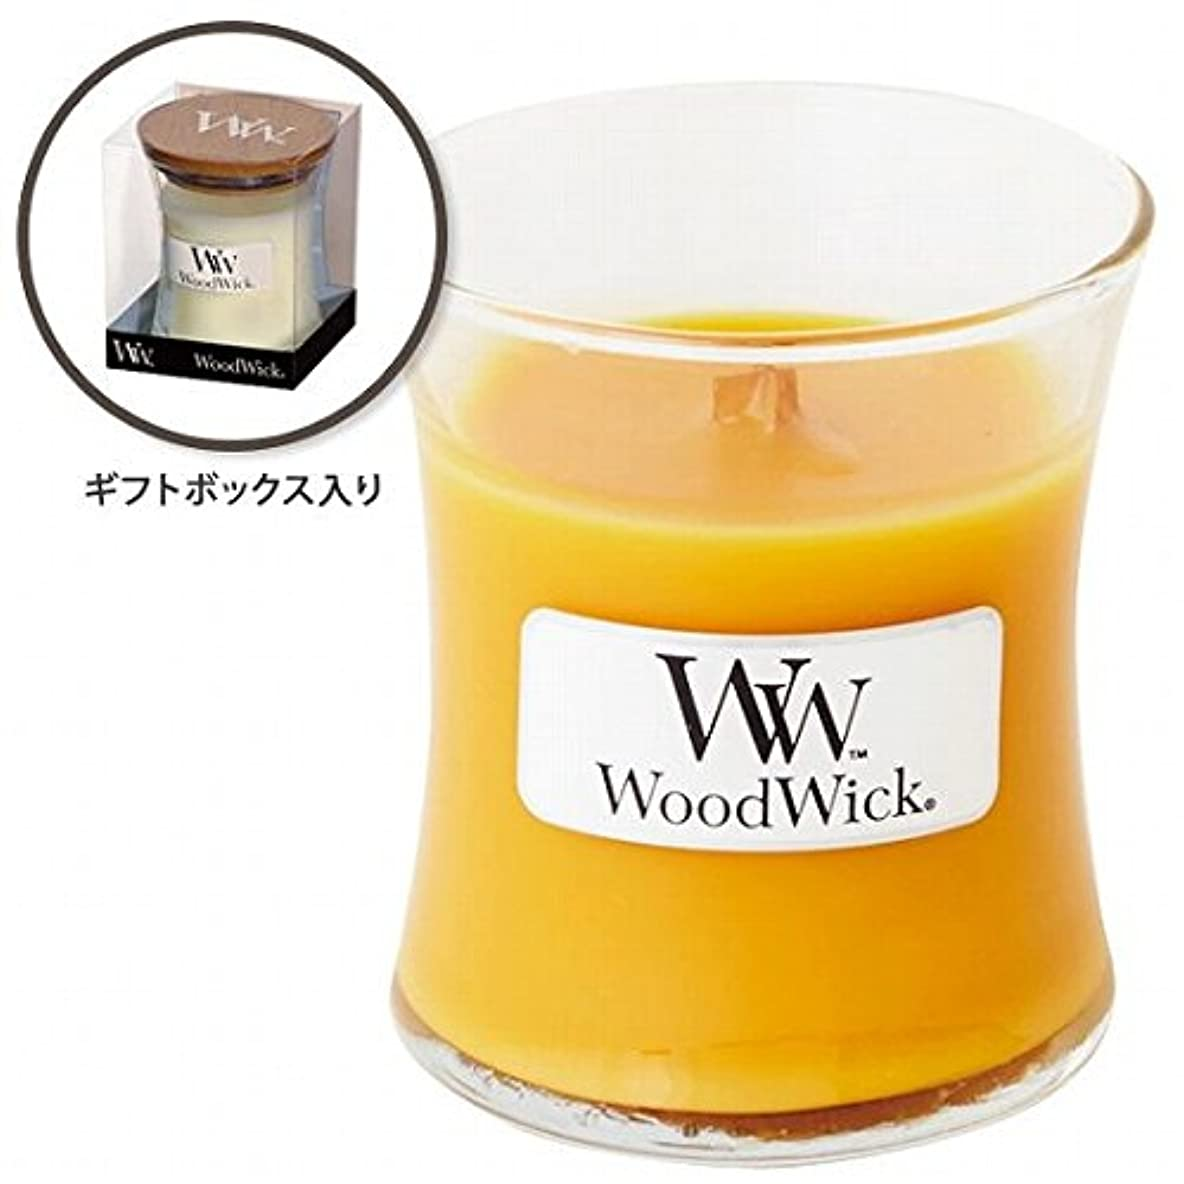 検出するアストロラーベ薬理学WoodWick(ウッドウィック) Wood WickジャーS 「スパークリングオレンジ」(W9000562)